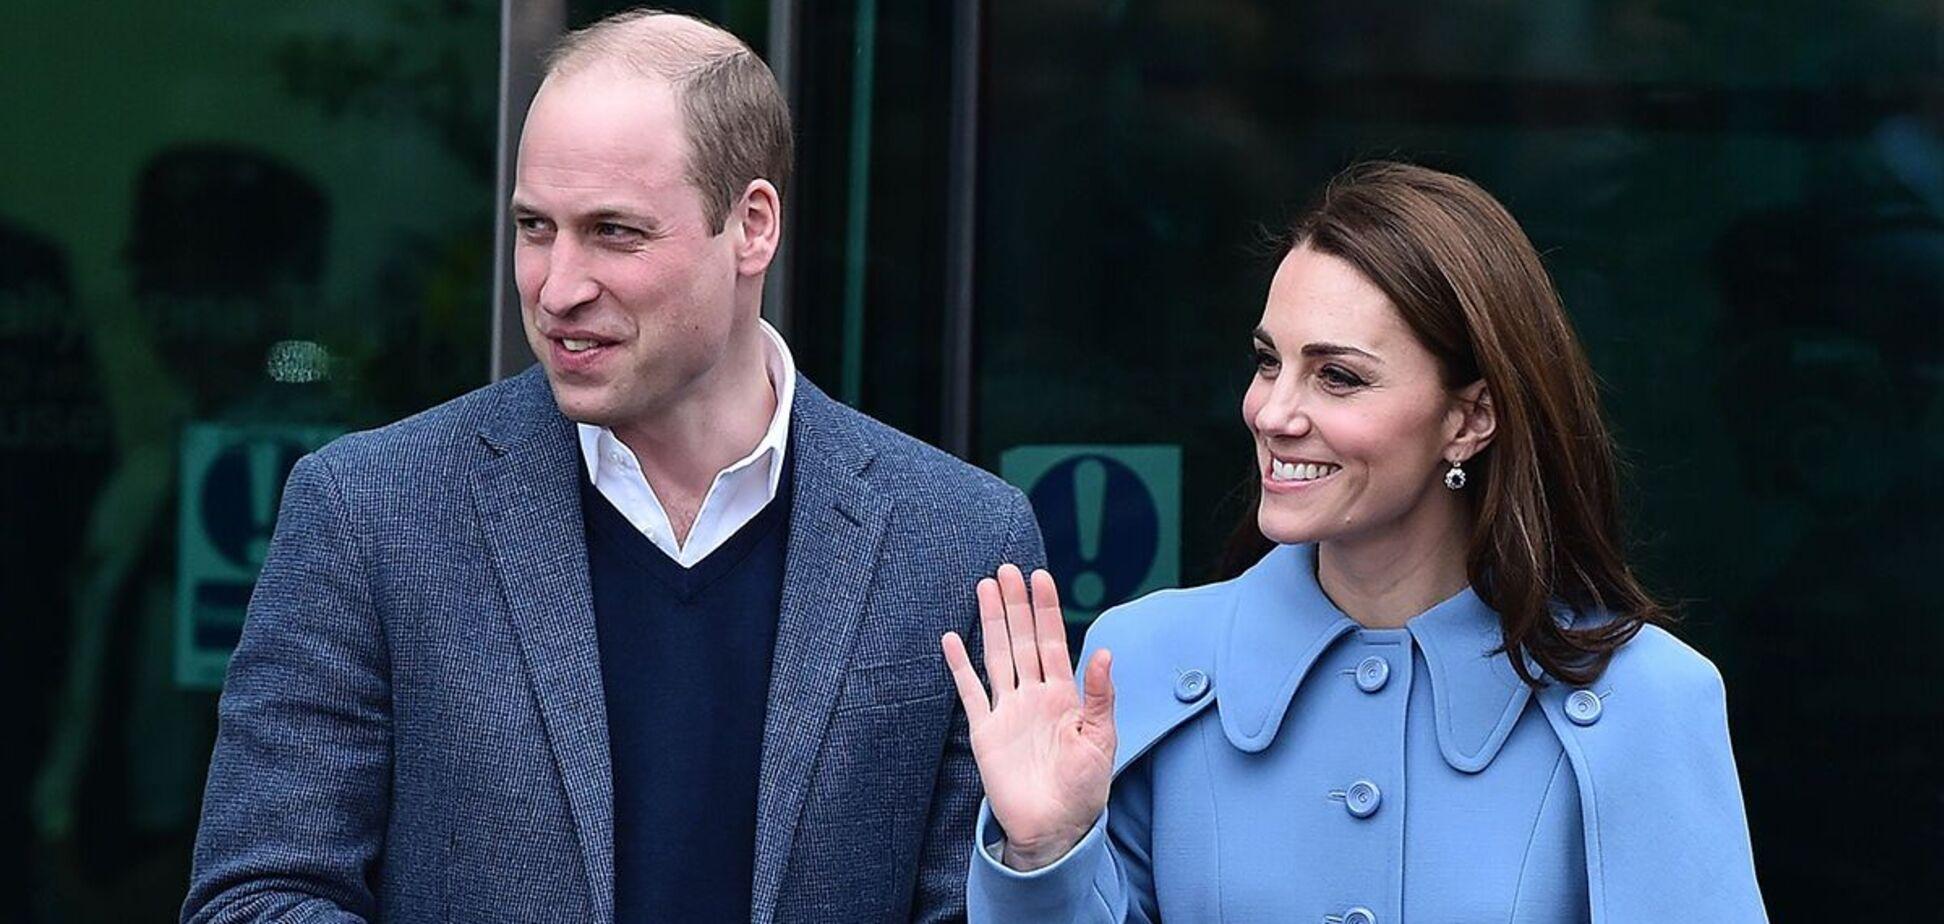 Принц Уильям и Кейт Миддлтон переезжают из Лондона – СМИ